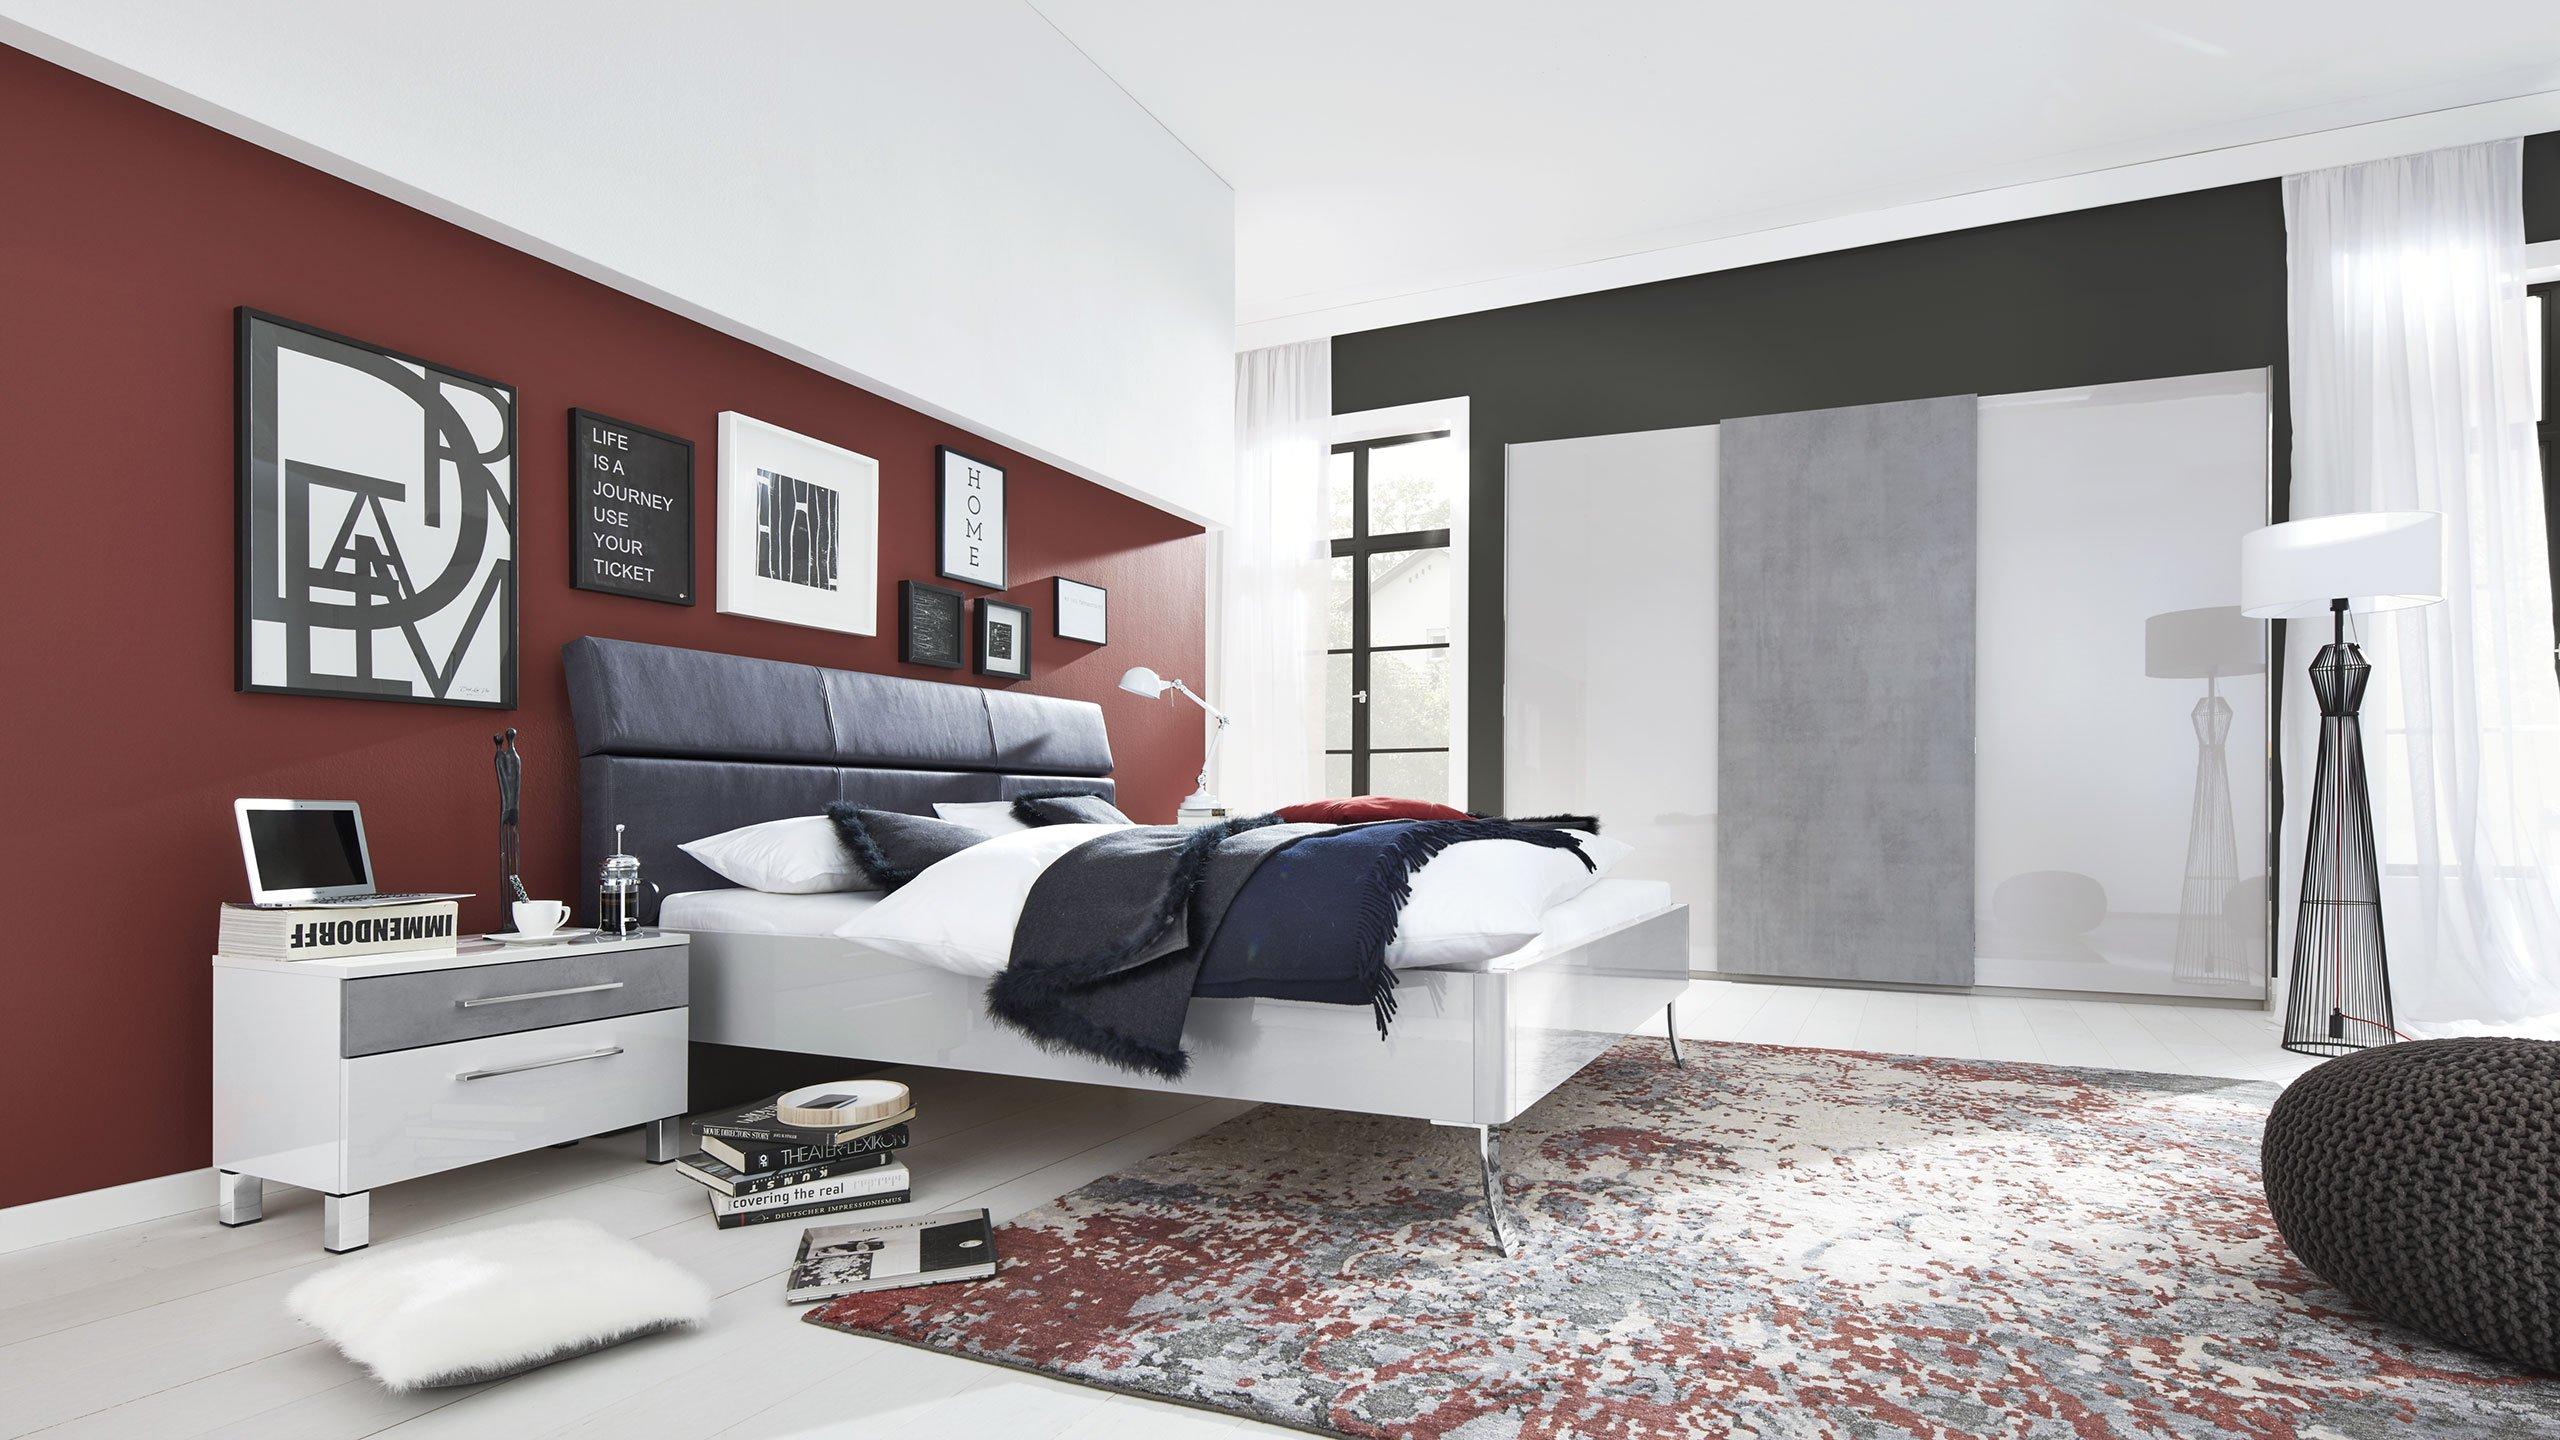 Mit Farbe Räume Gestalten  Interliving Schlafzimmer Serie 1003